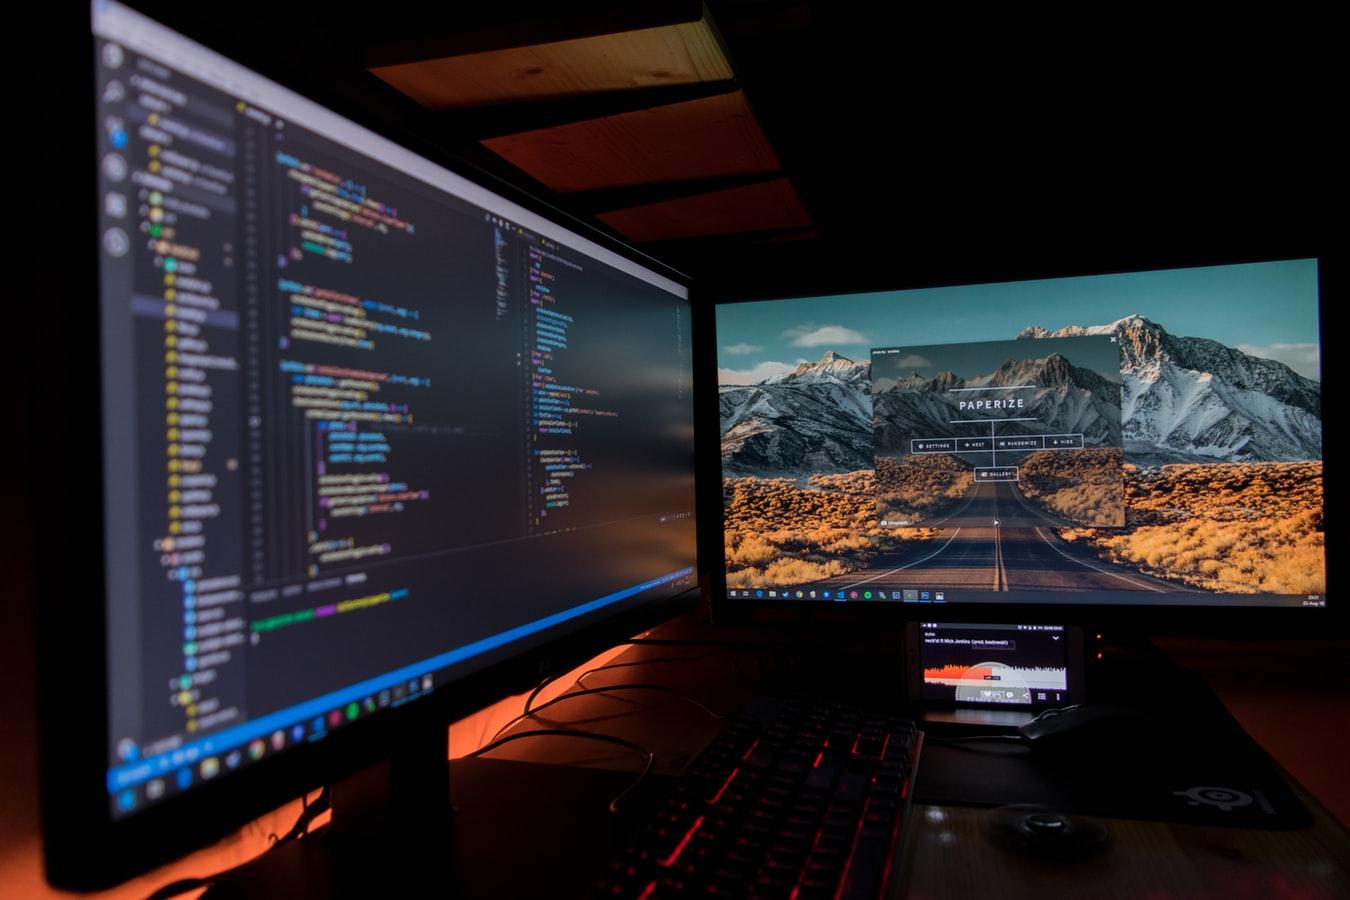 Le software